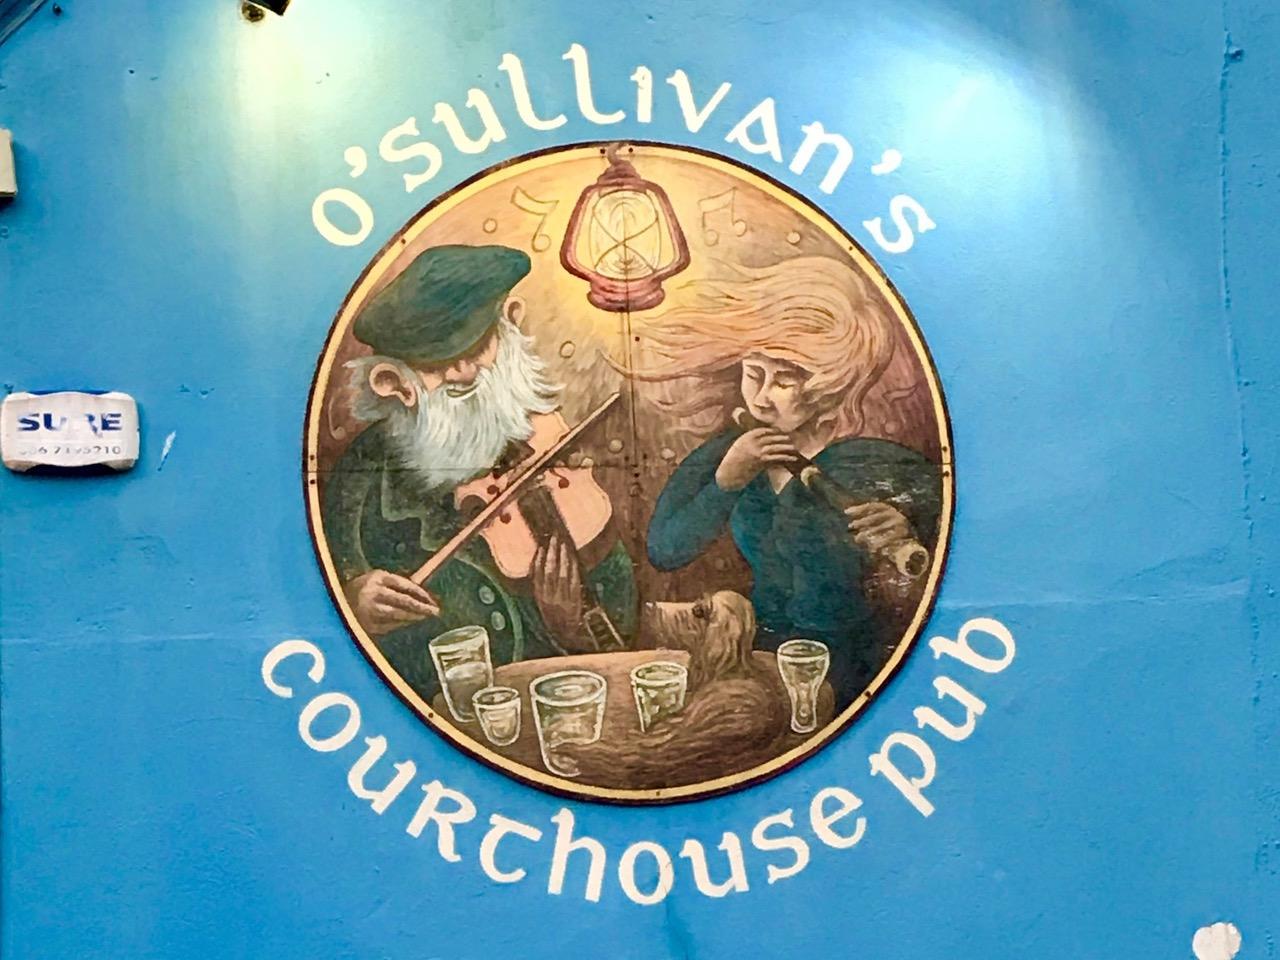 O'Sullivans CourthousePub – Dingle, Ireland